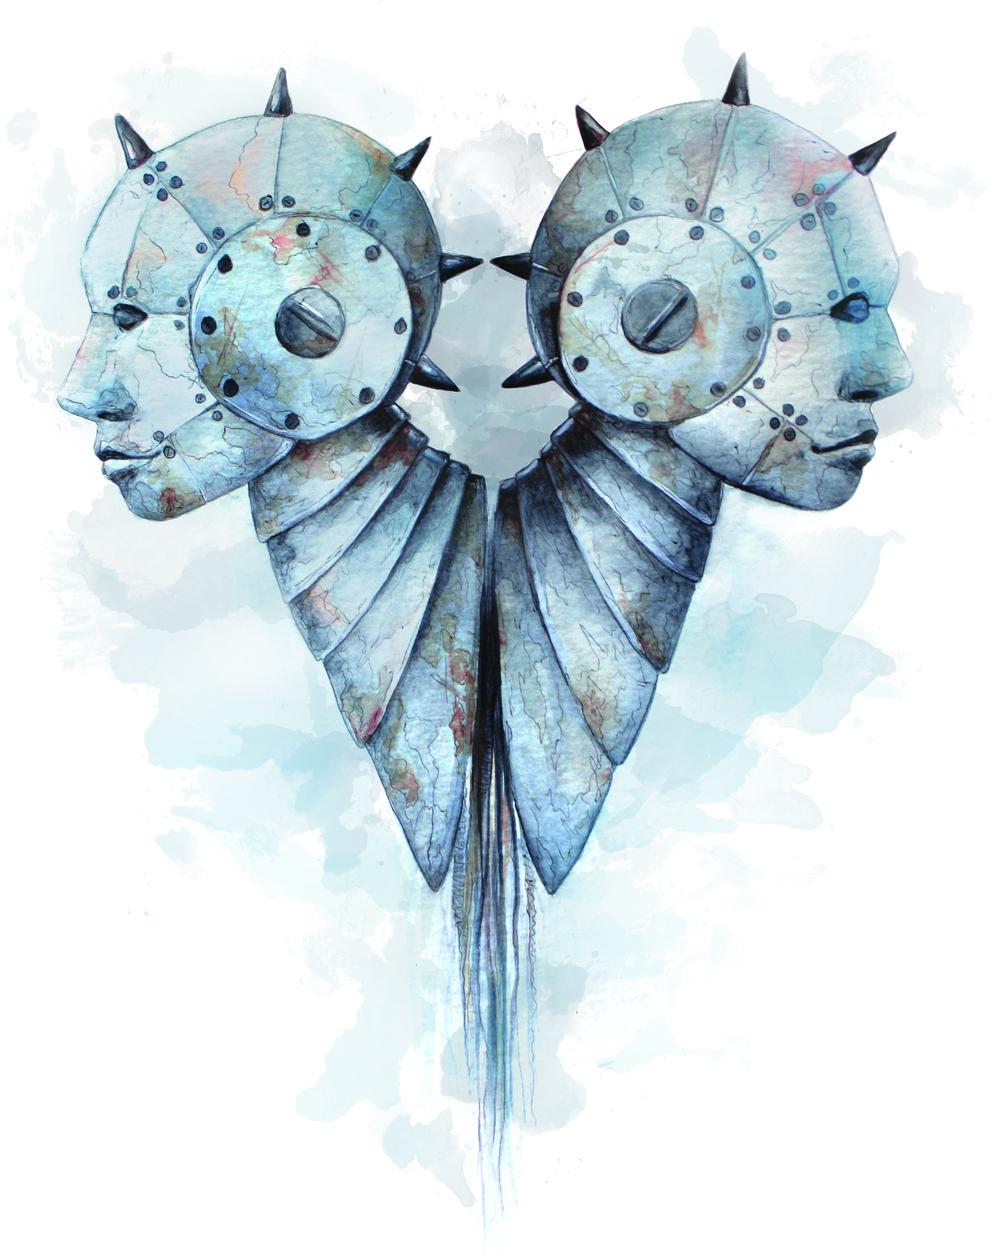 Heart Robots